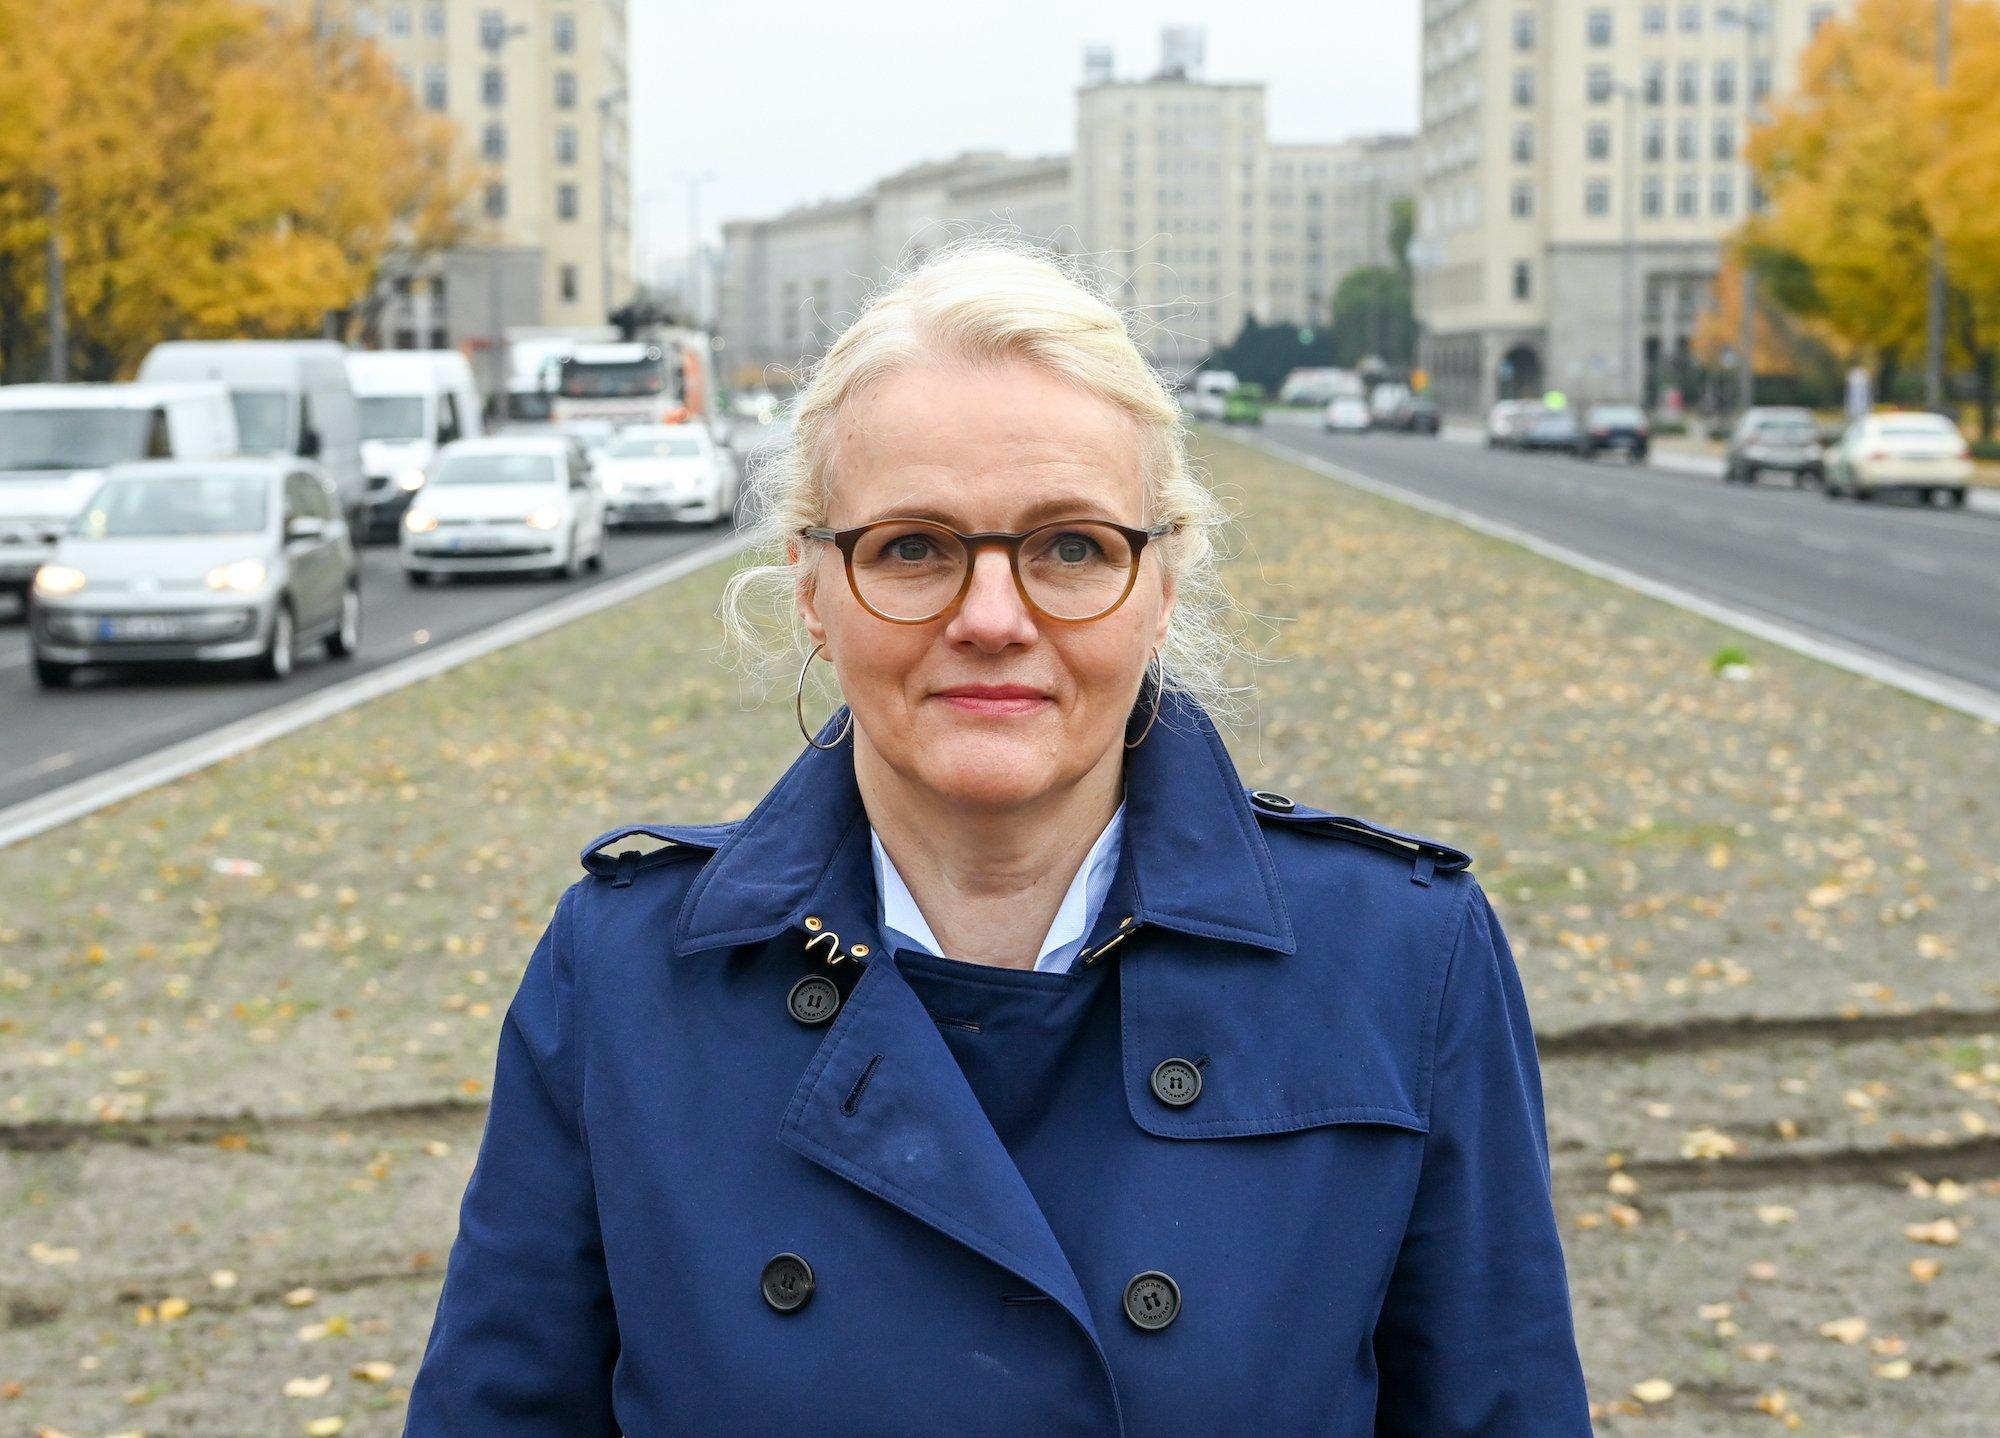 Regine Günther hat ihre blonden Haare zusammengebunden. Sie trägt eine dunkle Brille und einen dunkelblauen Trenchcoat. Sie steht auf einem breiten unbepflanzten Mittelstreifen einer viel befahrenen Straße